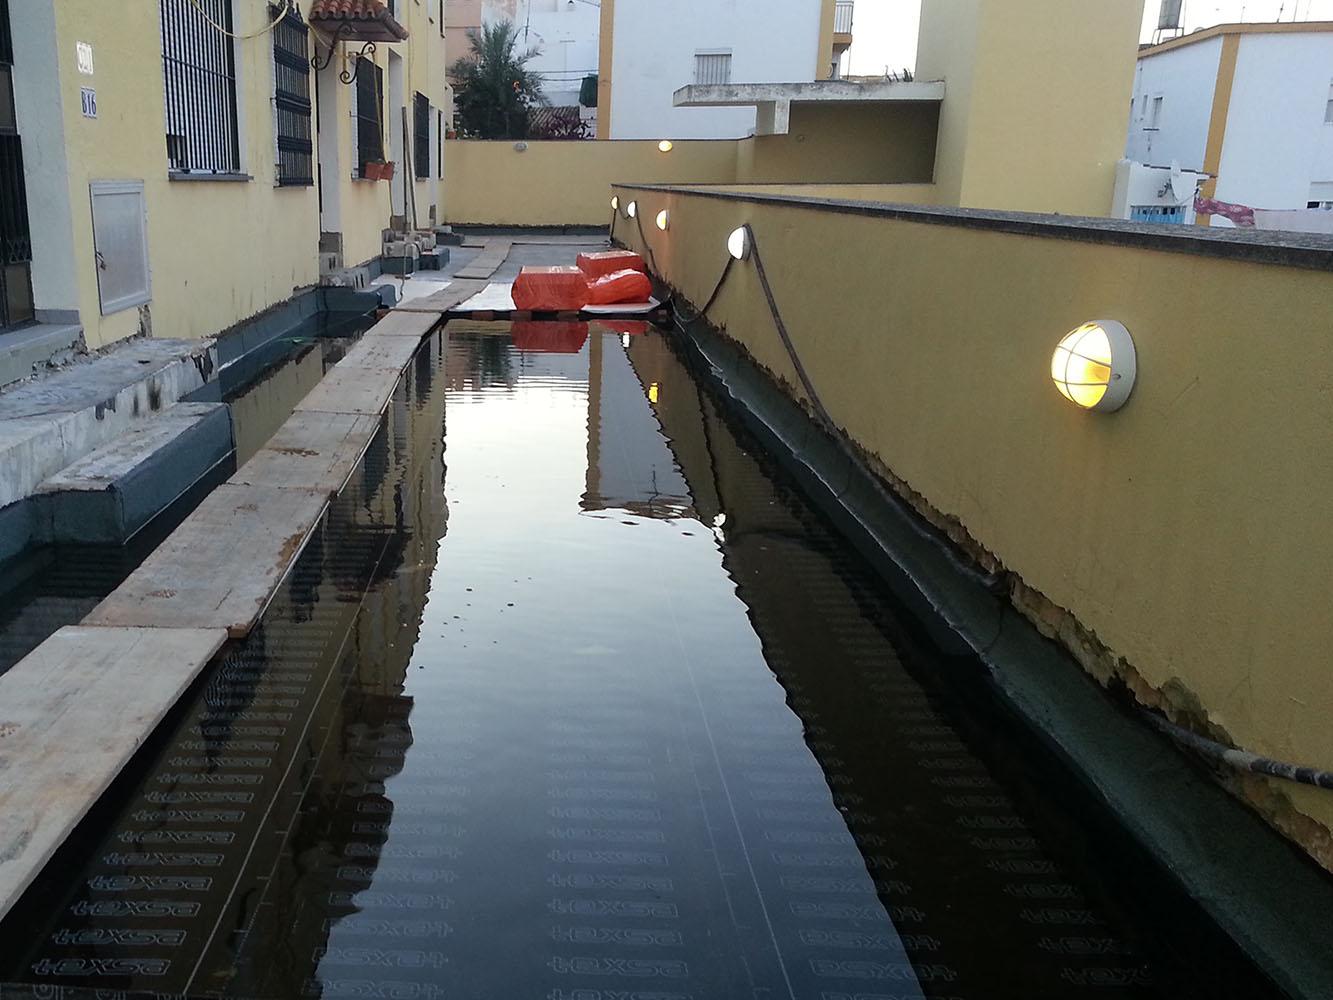 Impermeabilización de cubiertas en bloque de viviendas